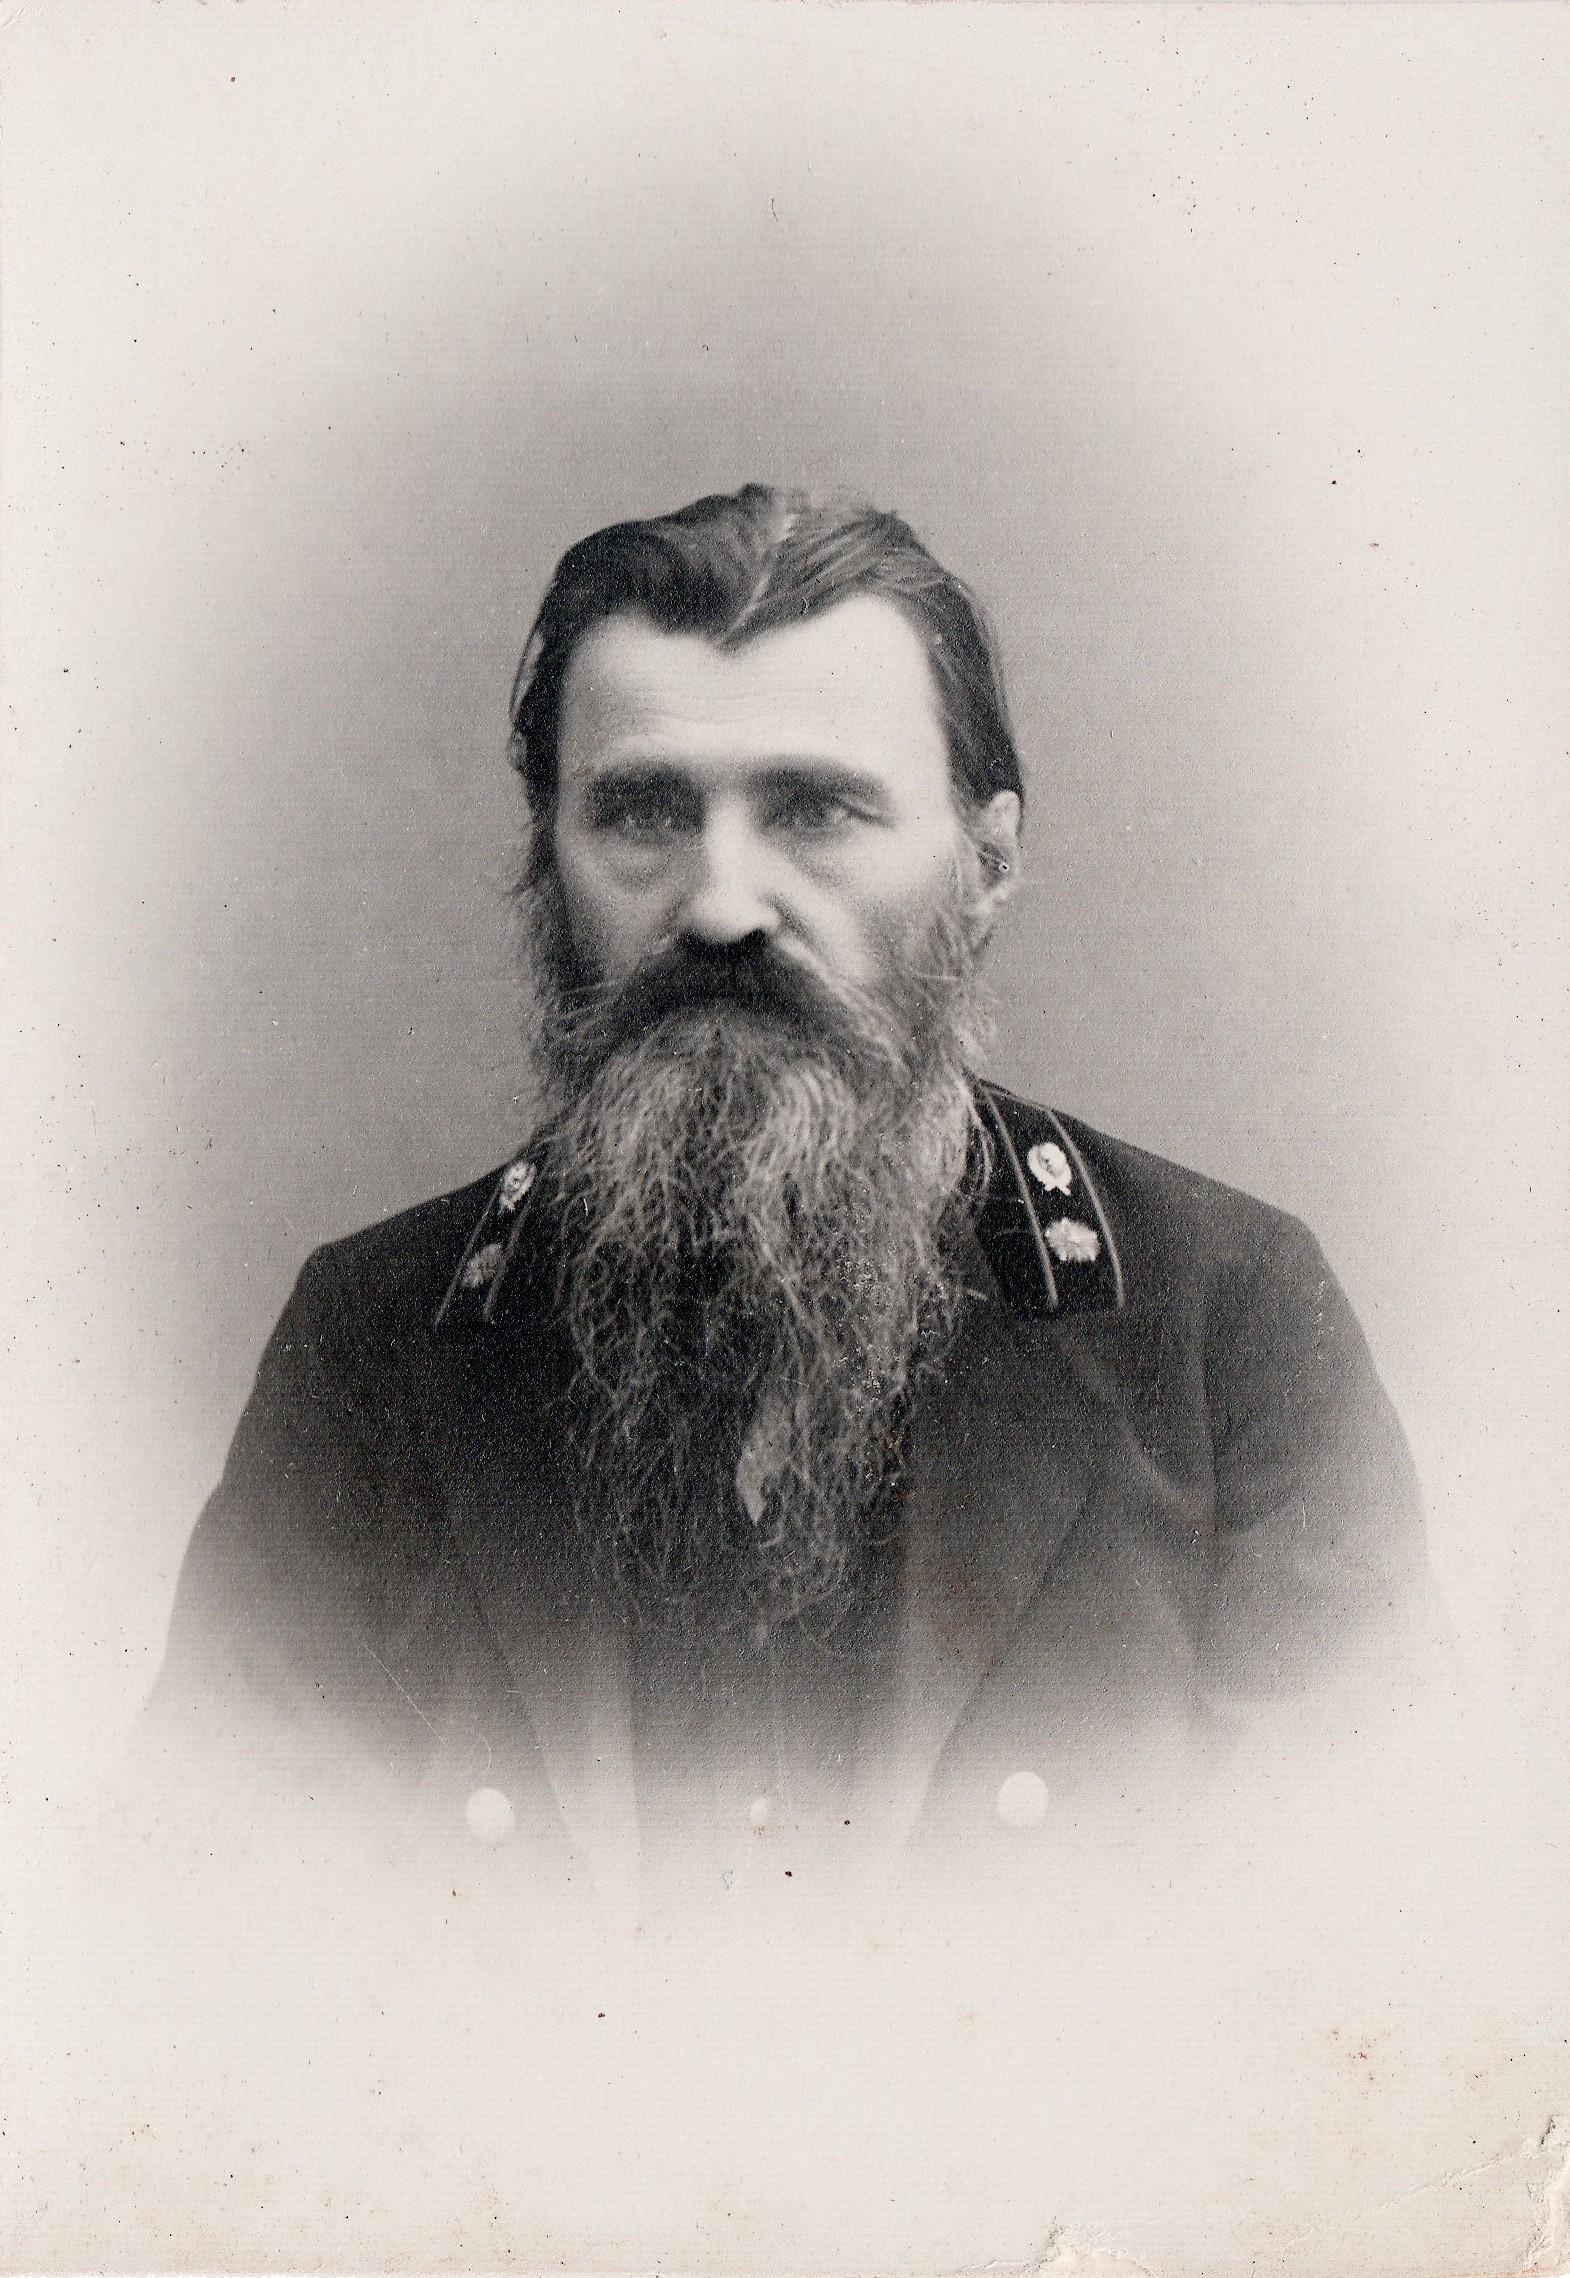 Плаксин Михаил Александрович, статский советник – священное писание